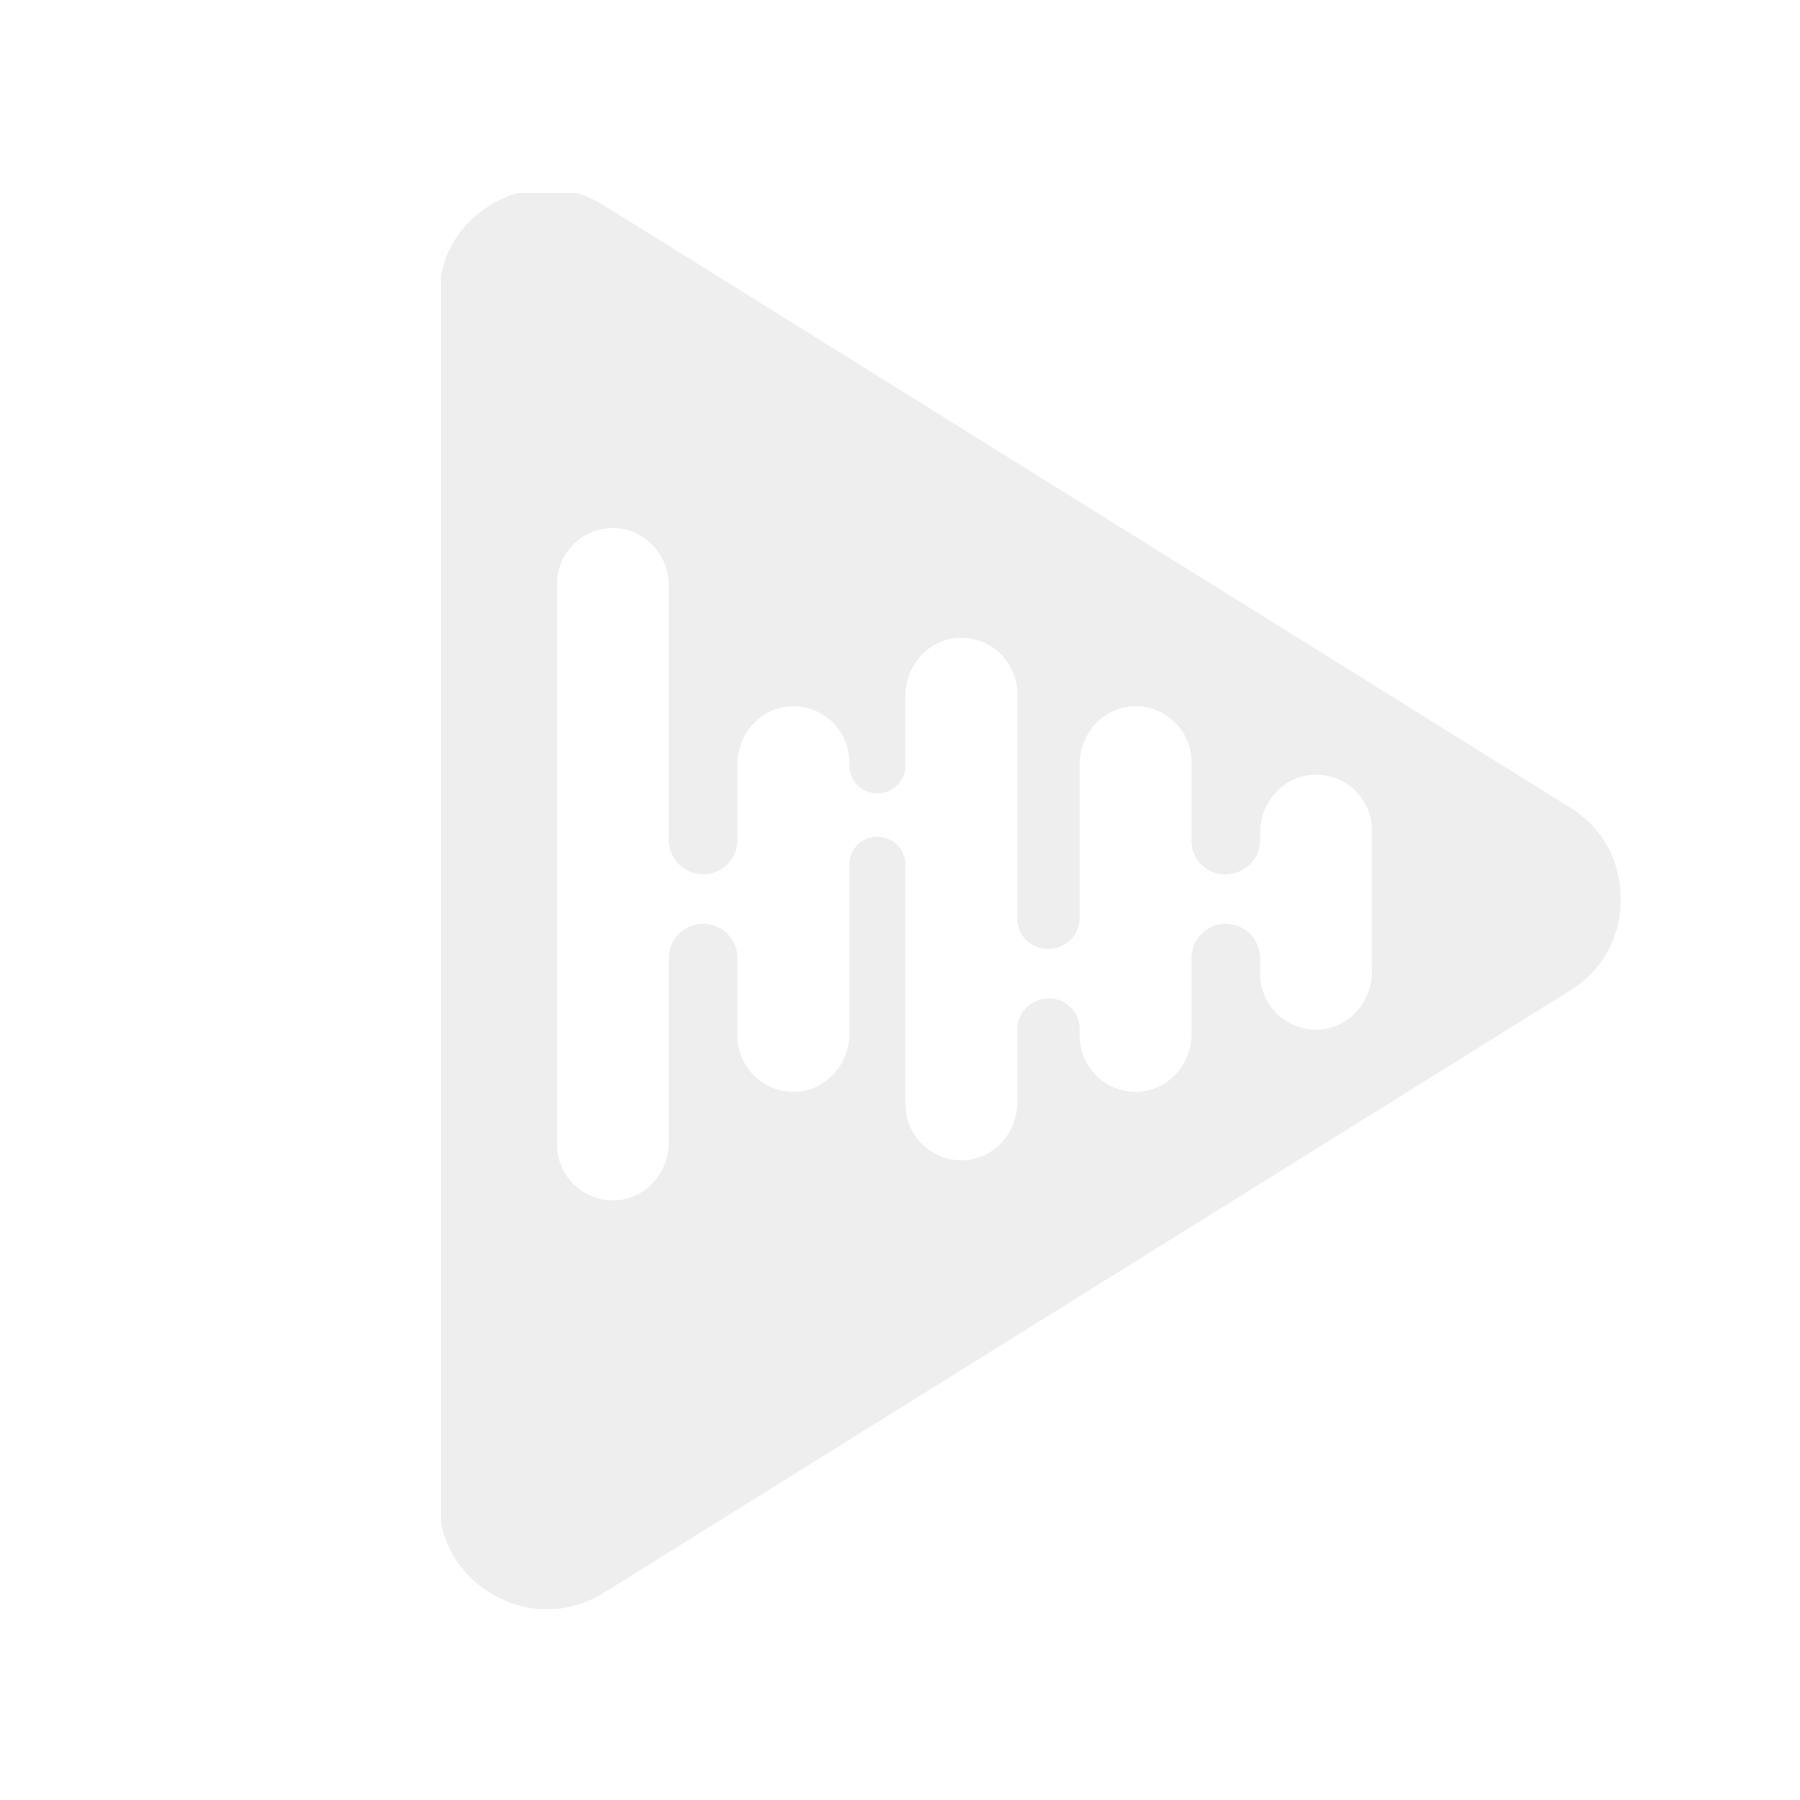 Metra AXCH013SWC